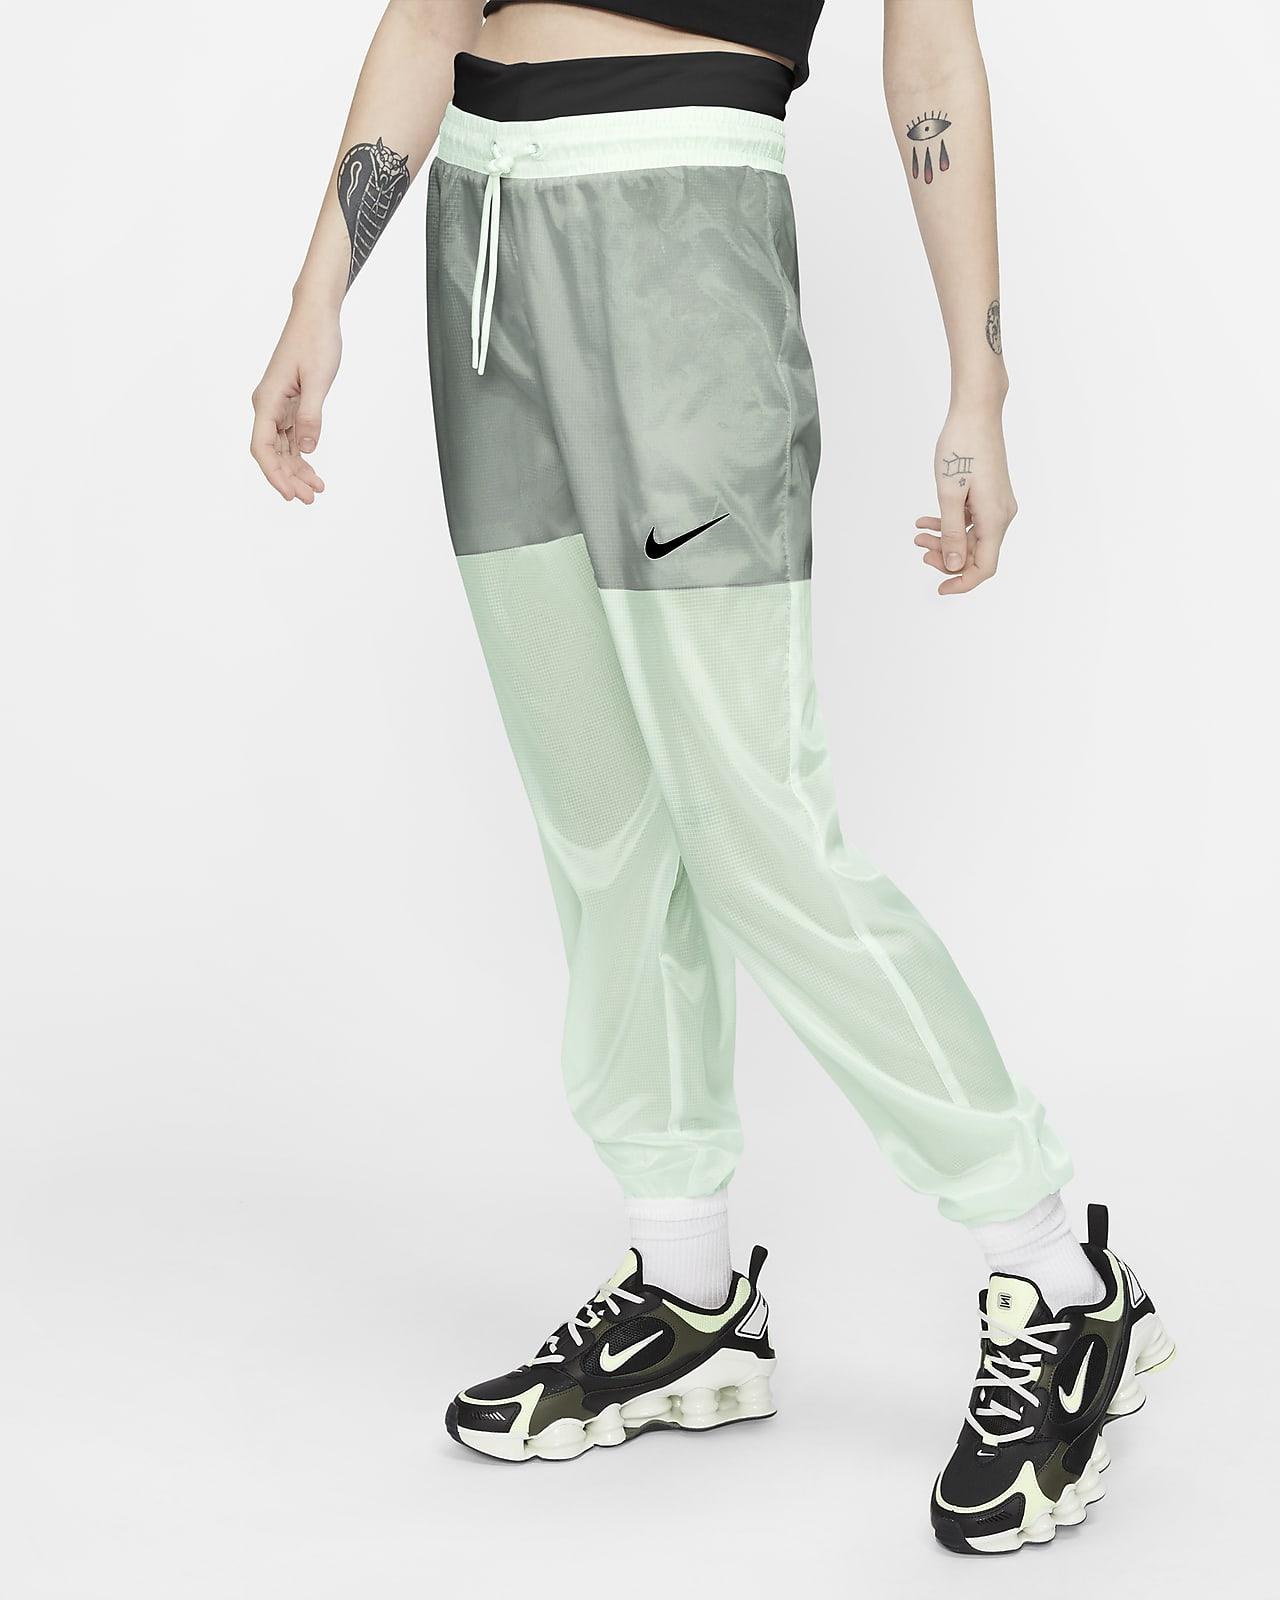 nike sportswear mujer zapatos